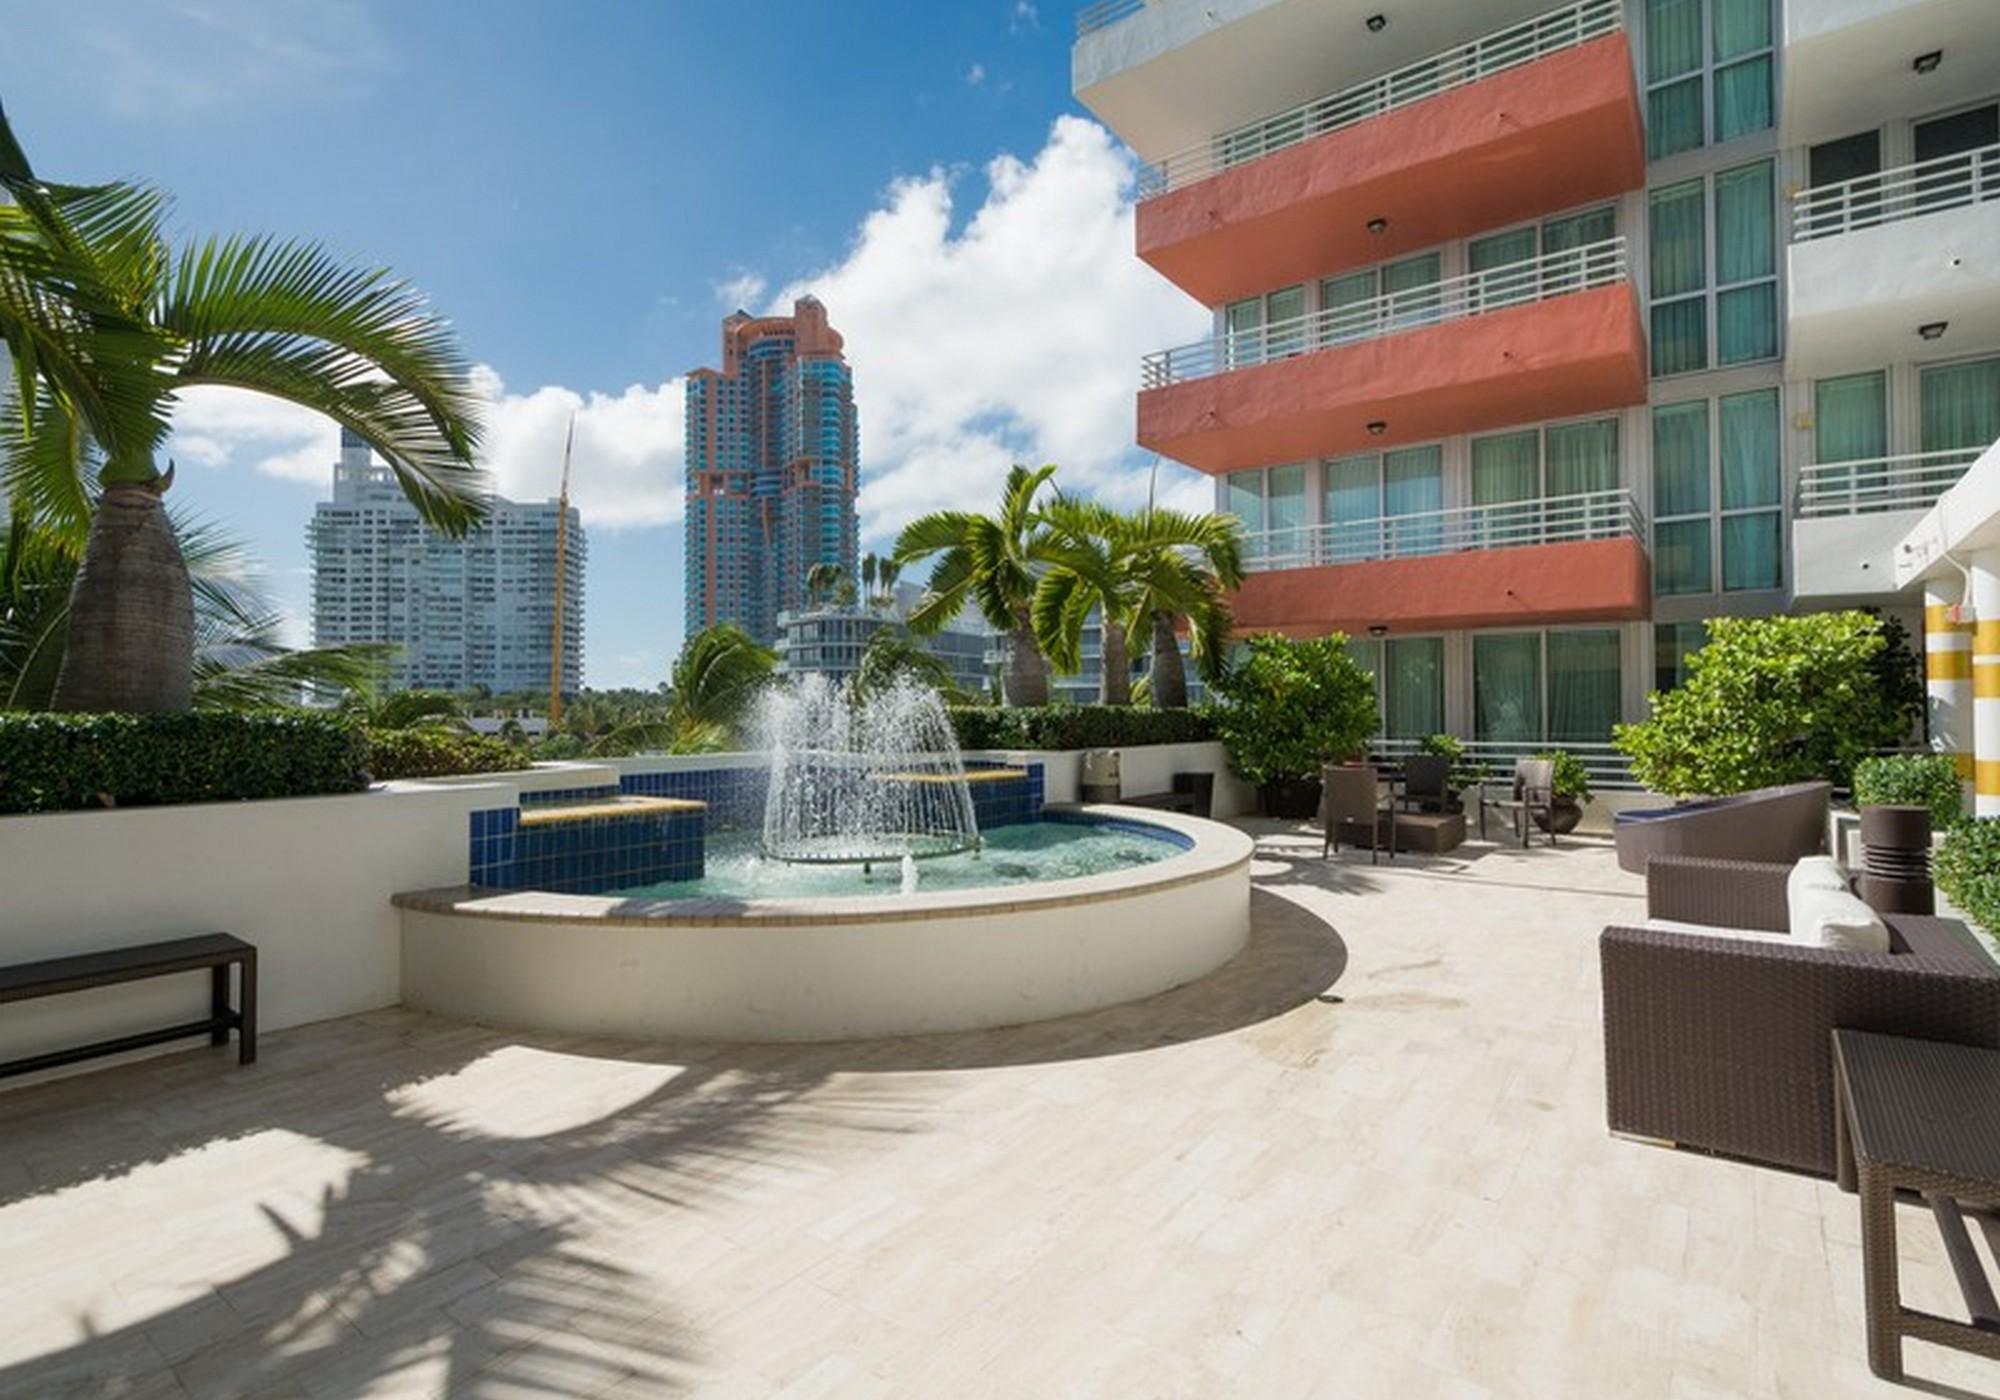 Condominium for Sale at 101 OCEAN DR # 9TH Miami Beach, Florida, 33139 United States